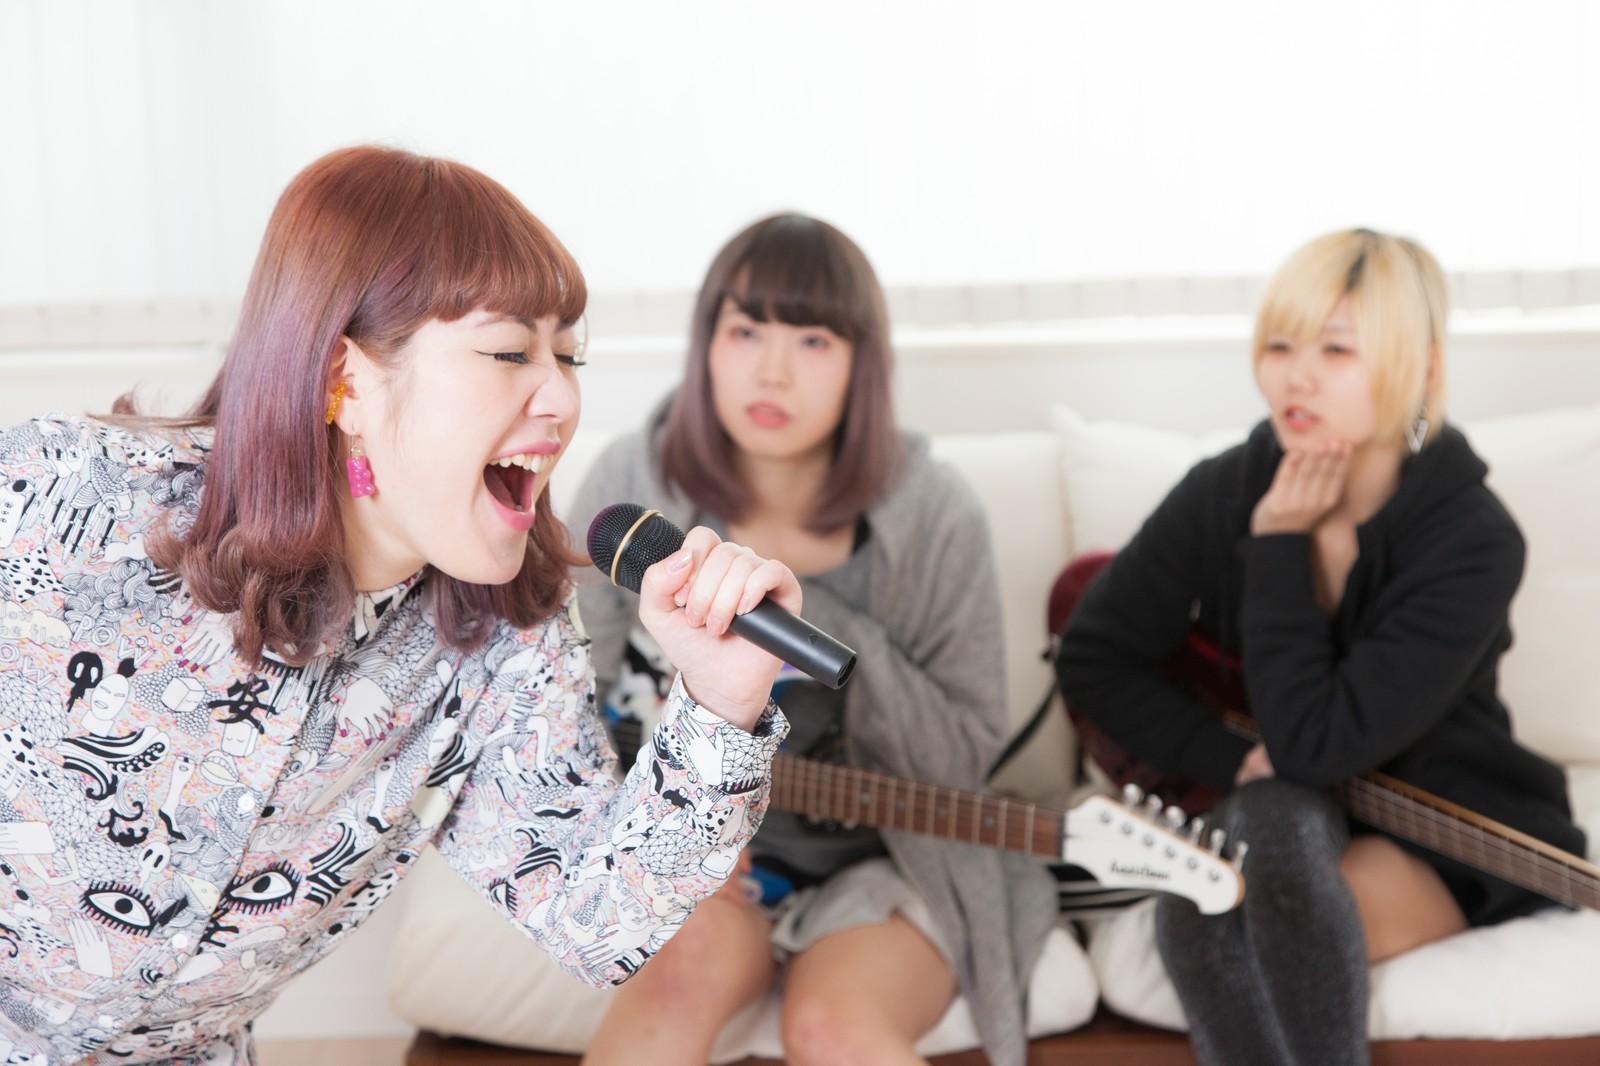 バンドのボーカルって他のパートの人から嫌われているんですか?